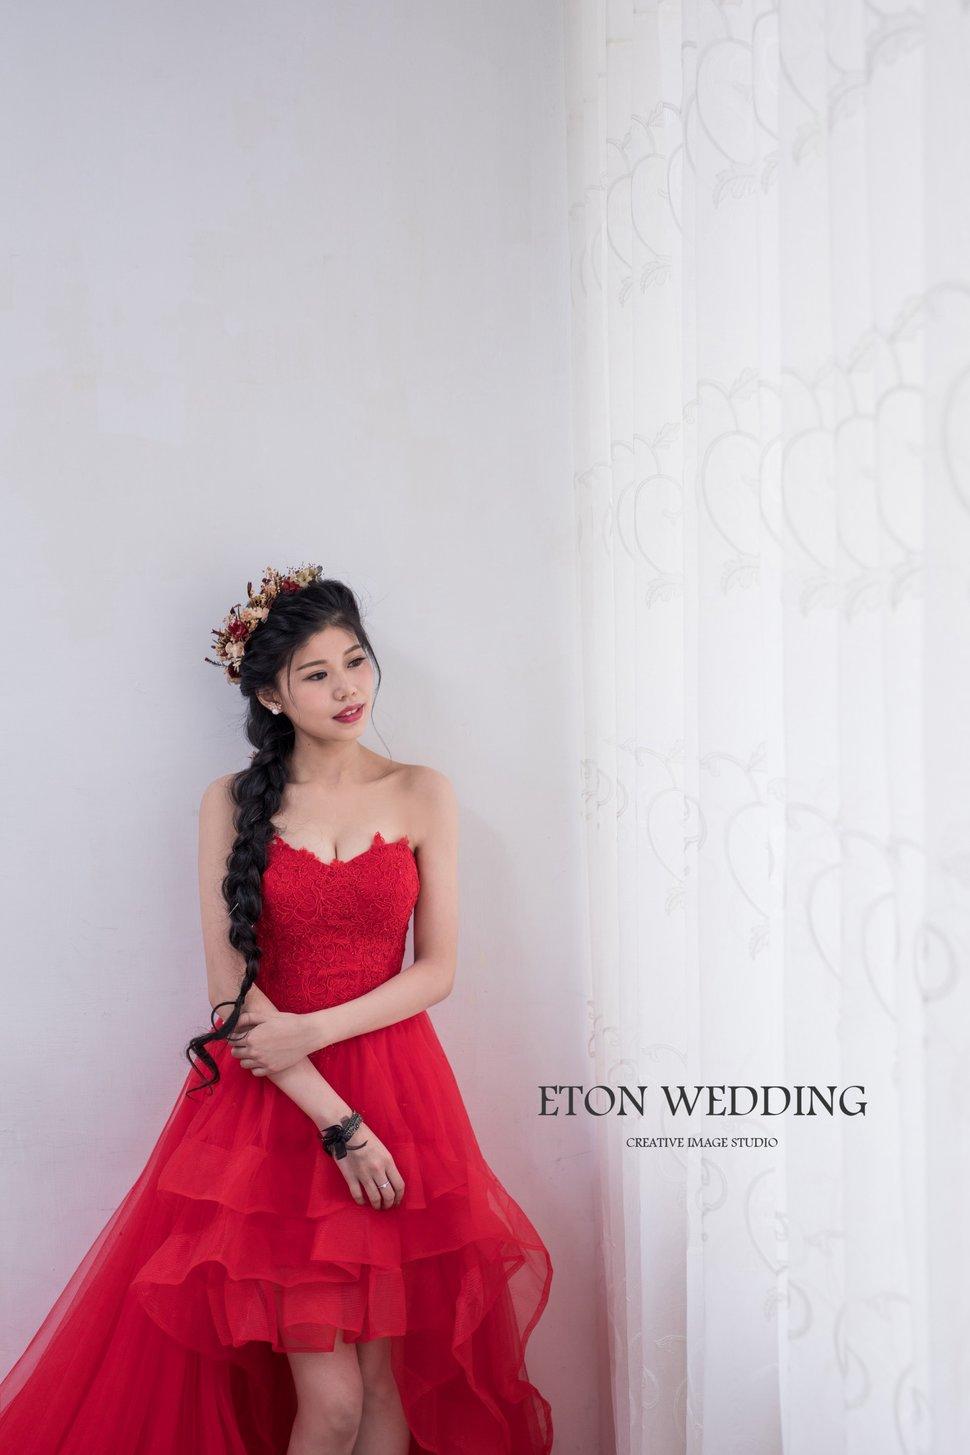 高雄婚紗,伊頓自助婚紗 (17) - 伊頓自助婚紗攝影工作室(高雄創始店)《結婚吧》